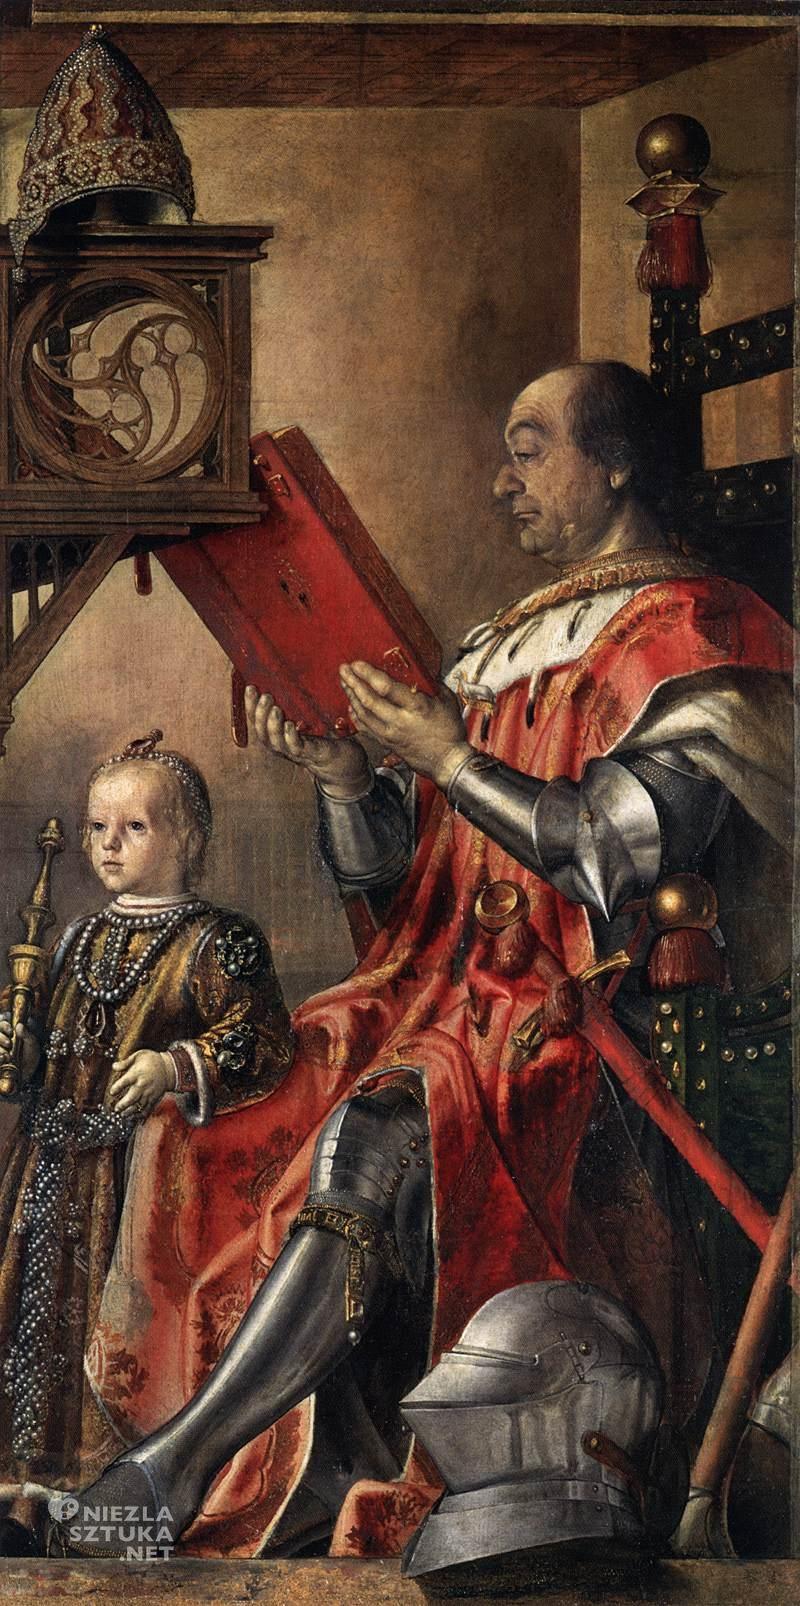 Pedro Berruguete, Federico da Montefeltro z synem, Palazzo Ducale, Urbino, Niezła sztuka